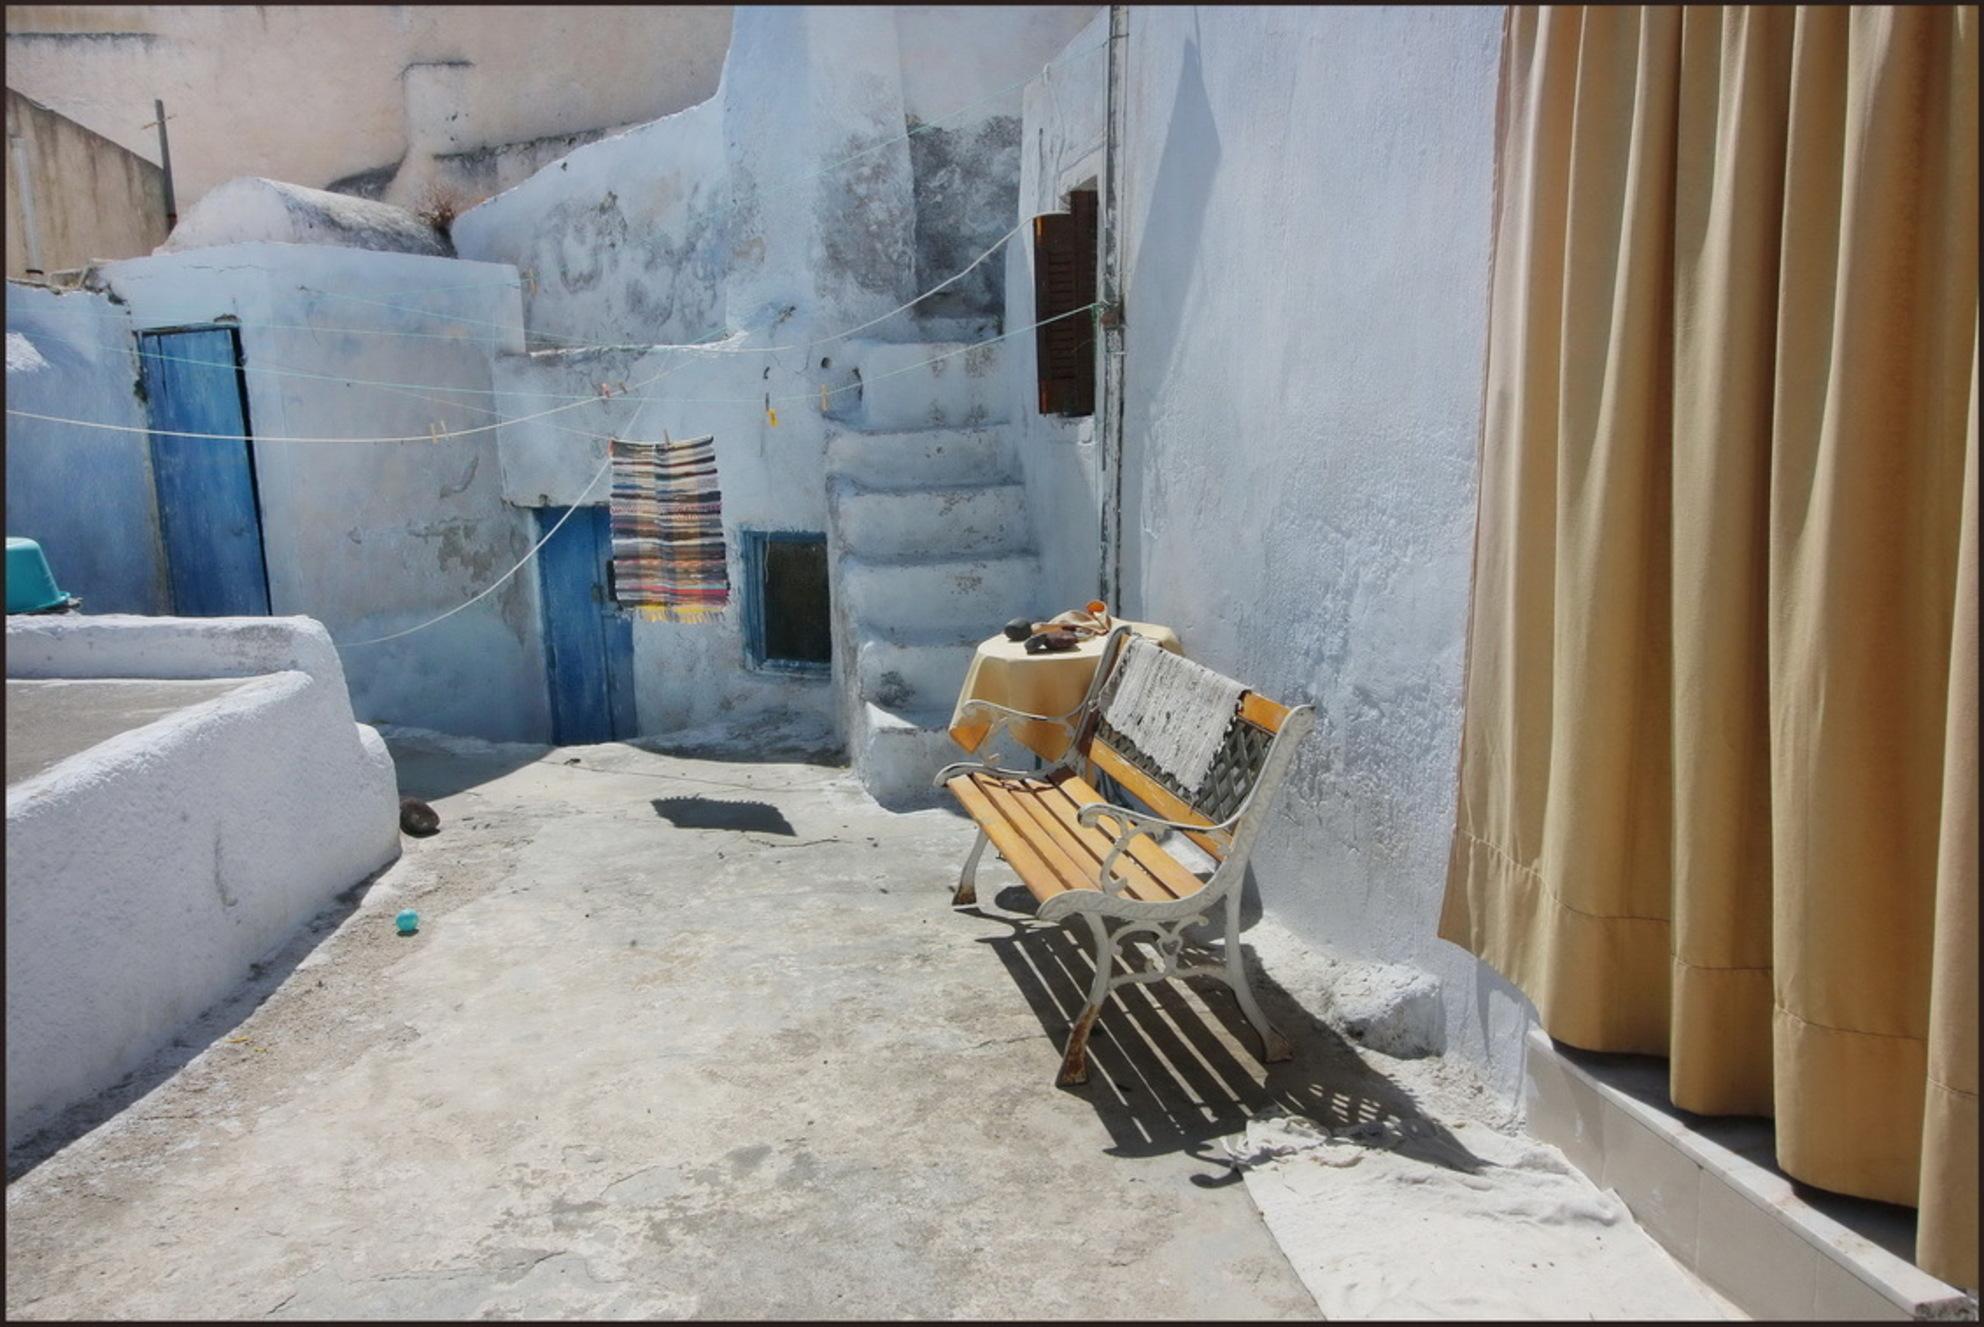 GRIEKENLAND - Een typisch oud stadje in Paros, een van de Griekse eilanden. - foto door lucievanmeteren op 30-06-2017 - deze foto bevat: vakantie, reizen, zomer, straatfotografie, reisfotografie, Oud stadje - Deze foto mag gebruikt worden in een Zoom.nl publicatie